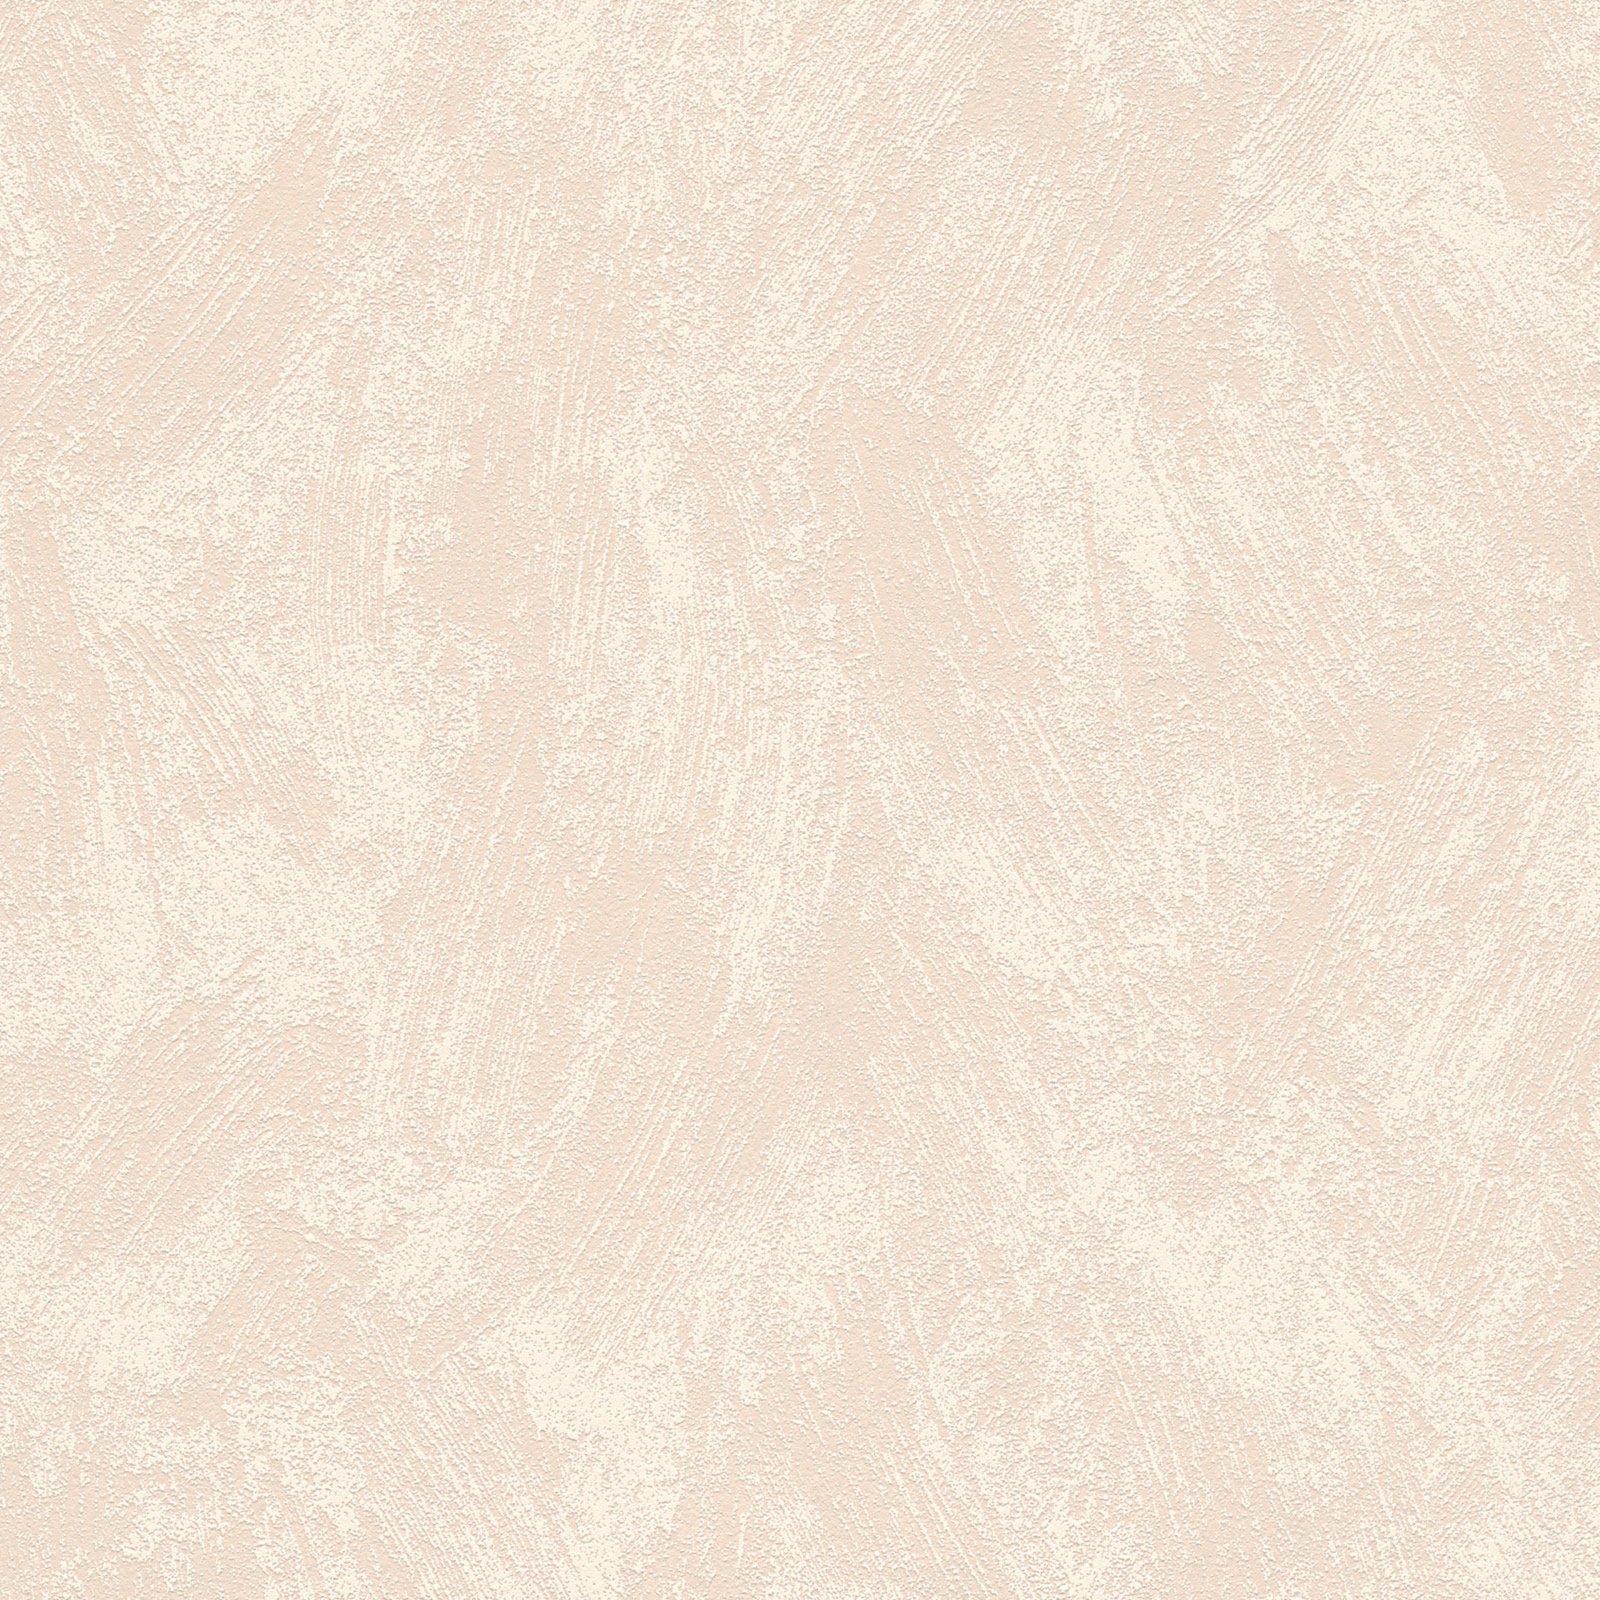 profitan vliestapete beige 15 meter vliestapeten tapeten borten renovieren roller. Black Bedroom Furniture Sets. Home Design Ideas